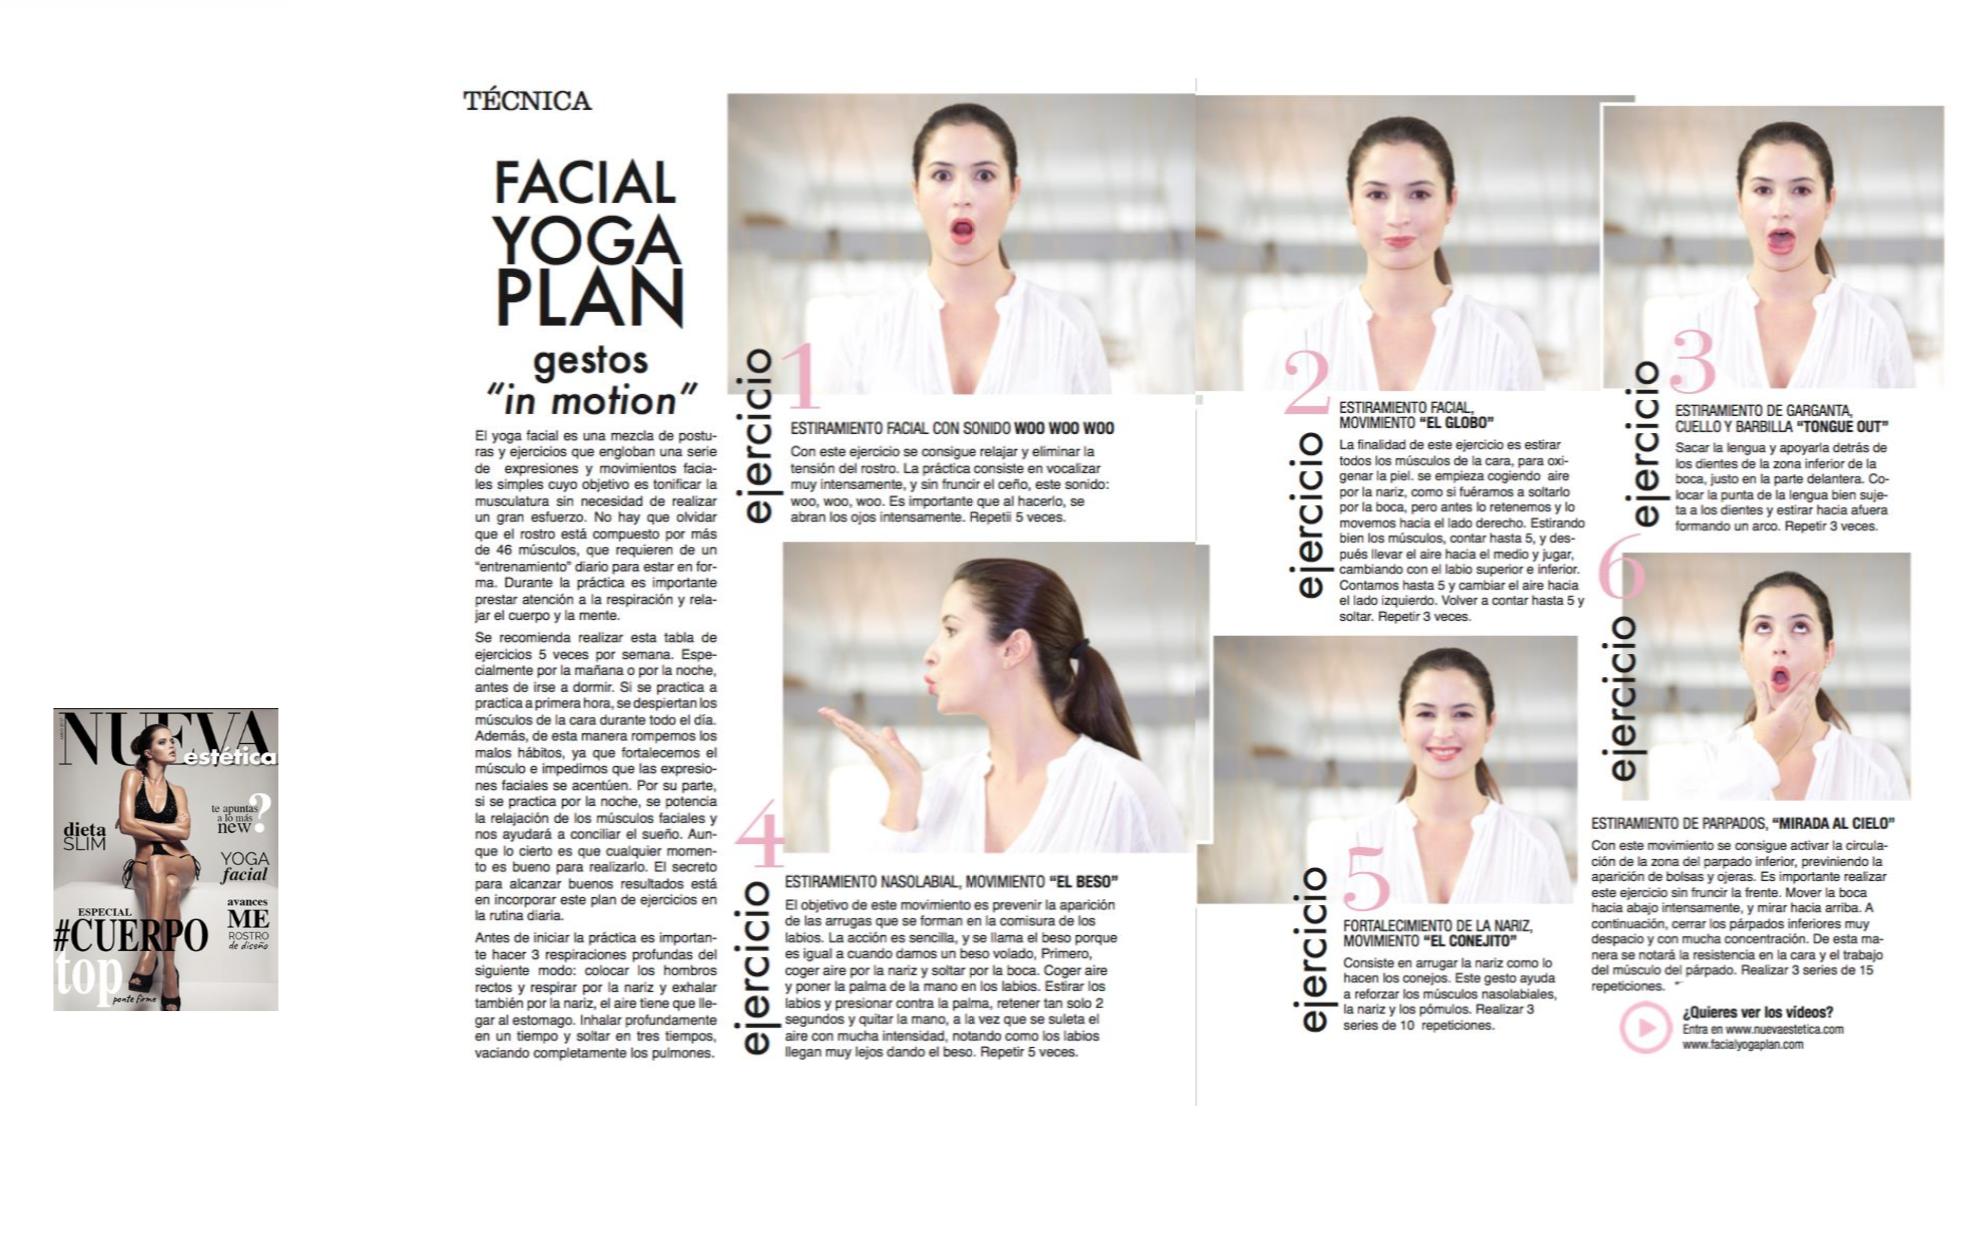 nueva-estetica-yoga-facial2.jpg